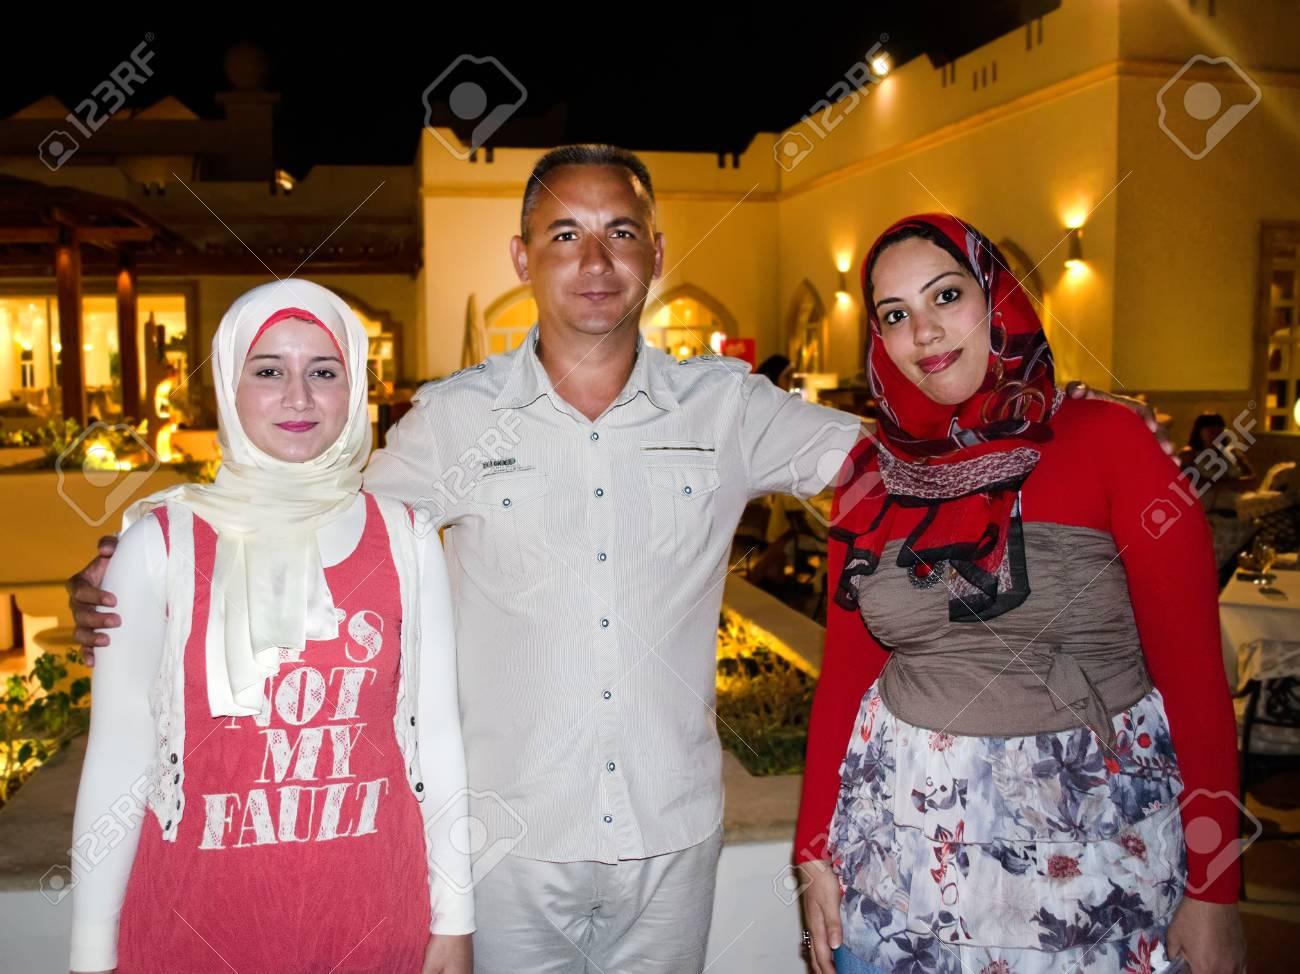 エジプト人女性がヨーロッパ人と共に撮影します。 の写真素材・画像 ...